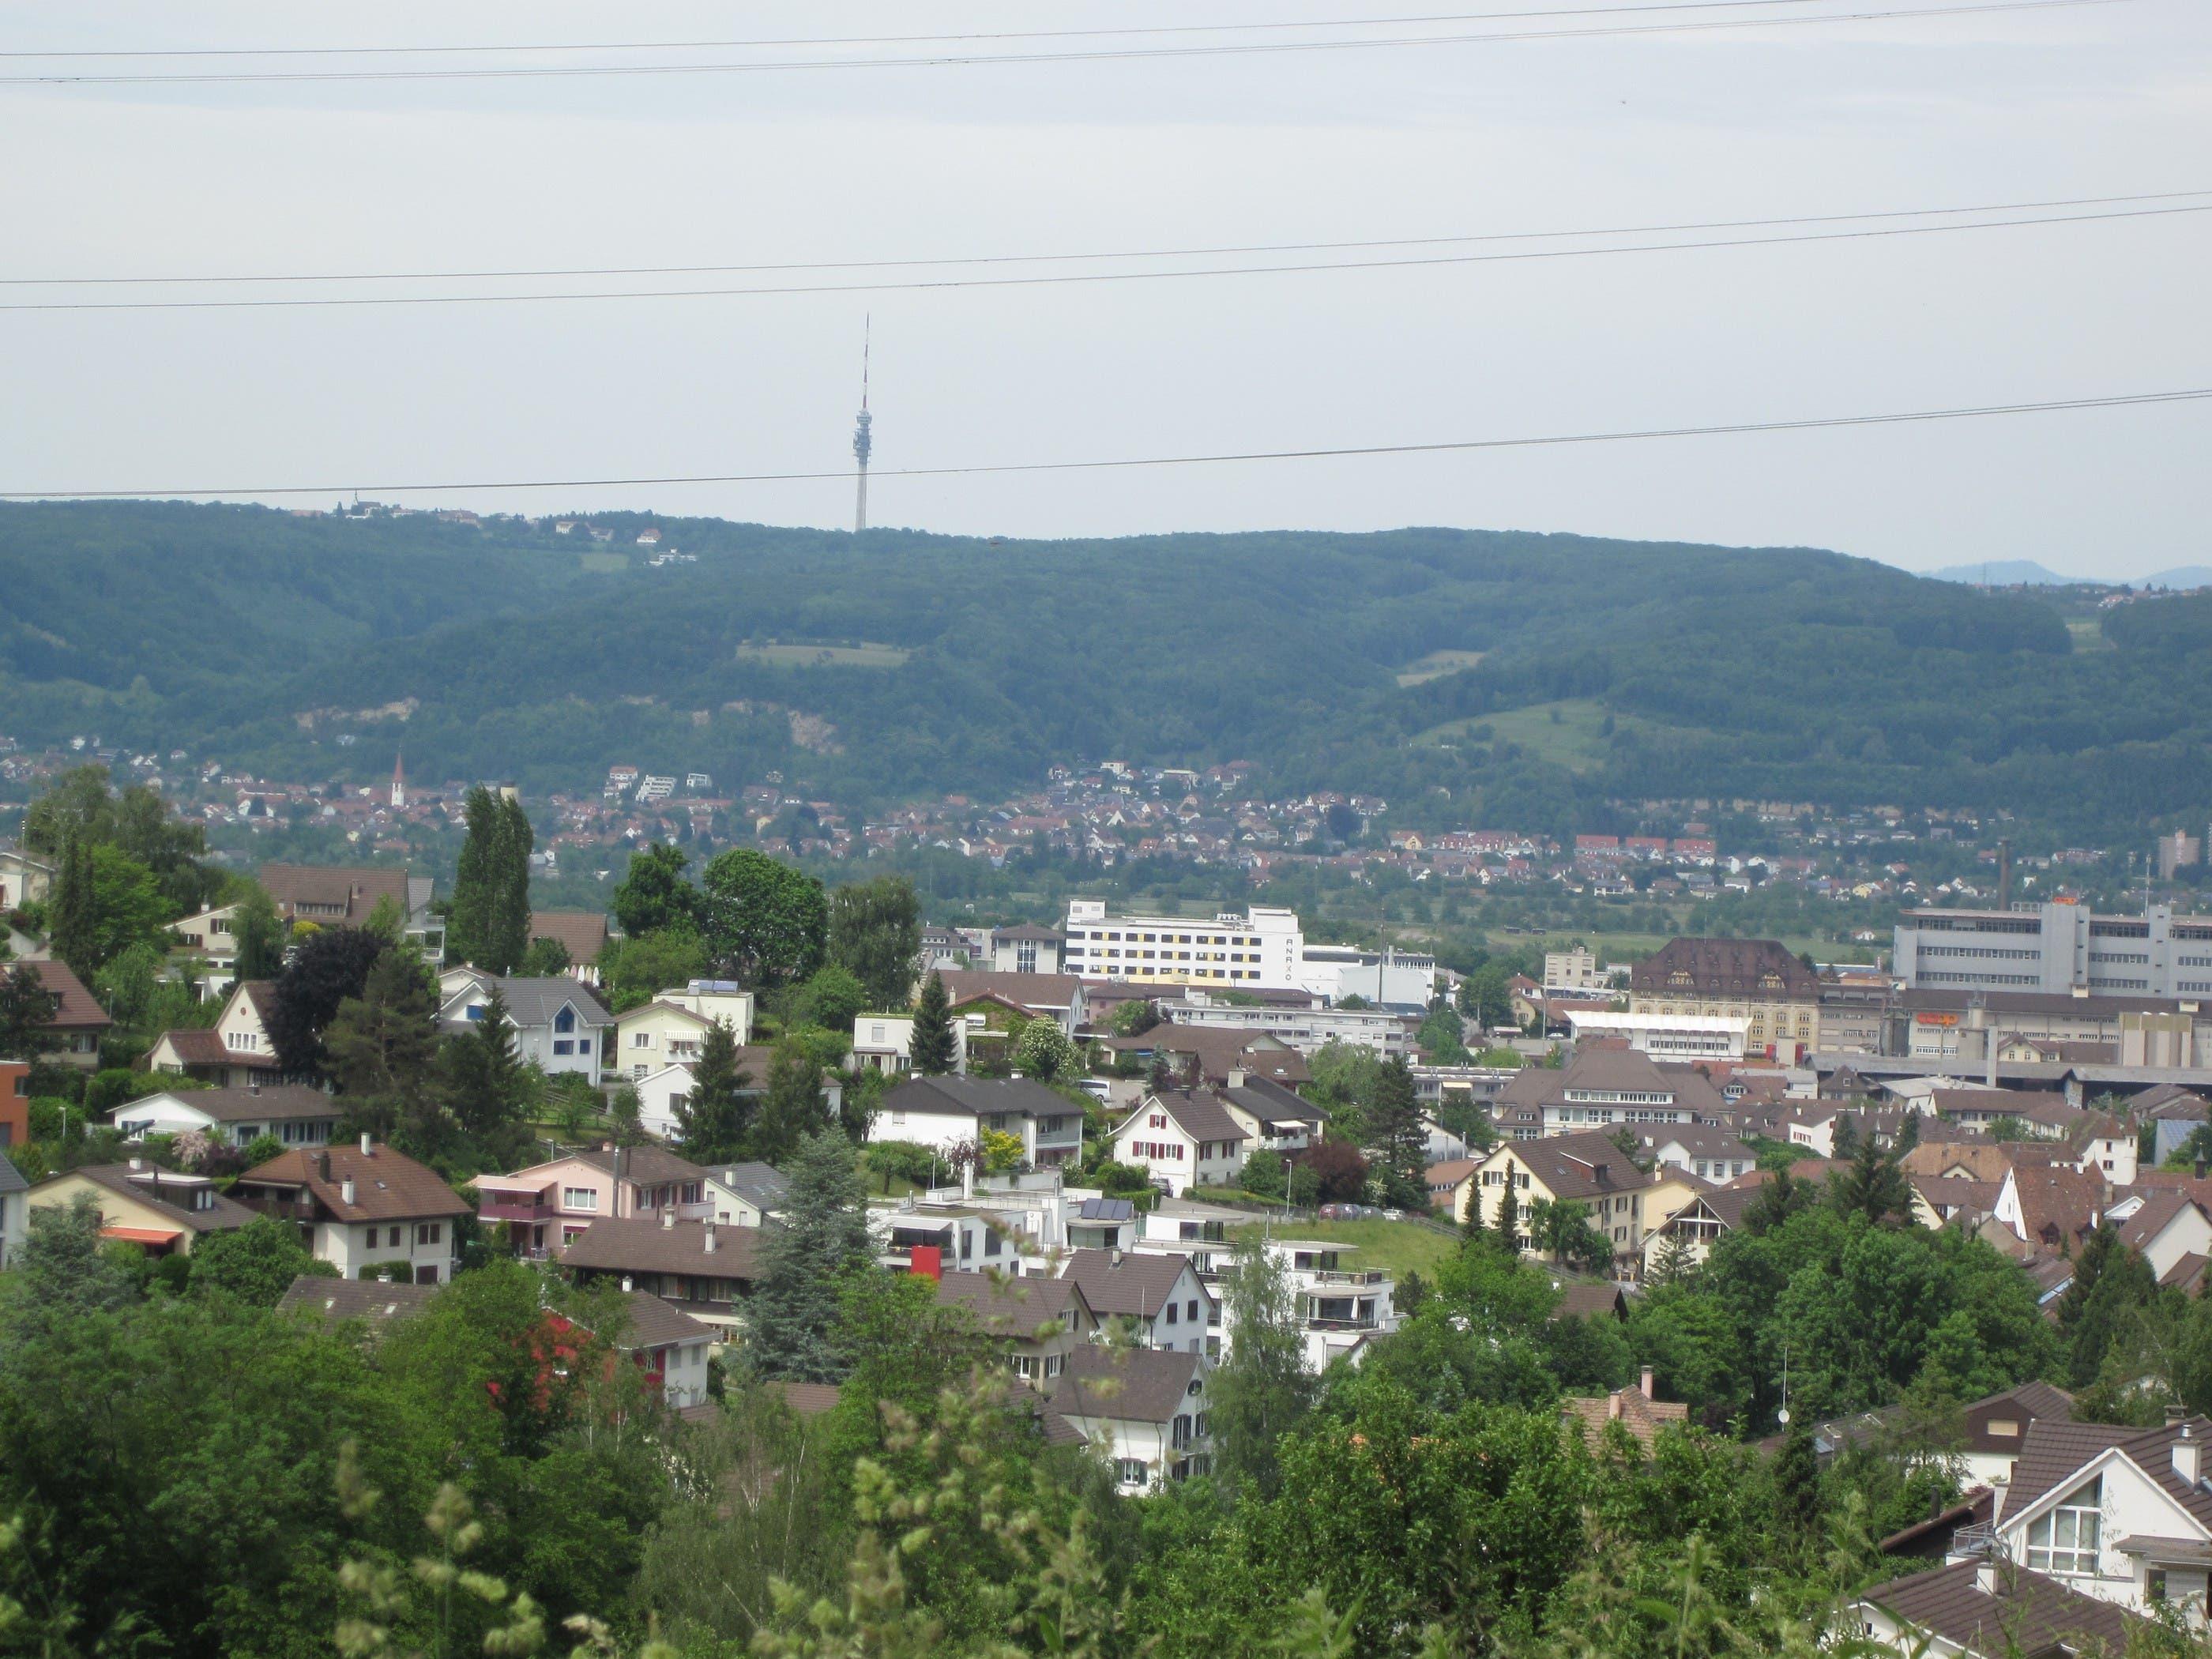 IMG_2161.JPG Der Turm Sankt Chrischona